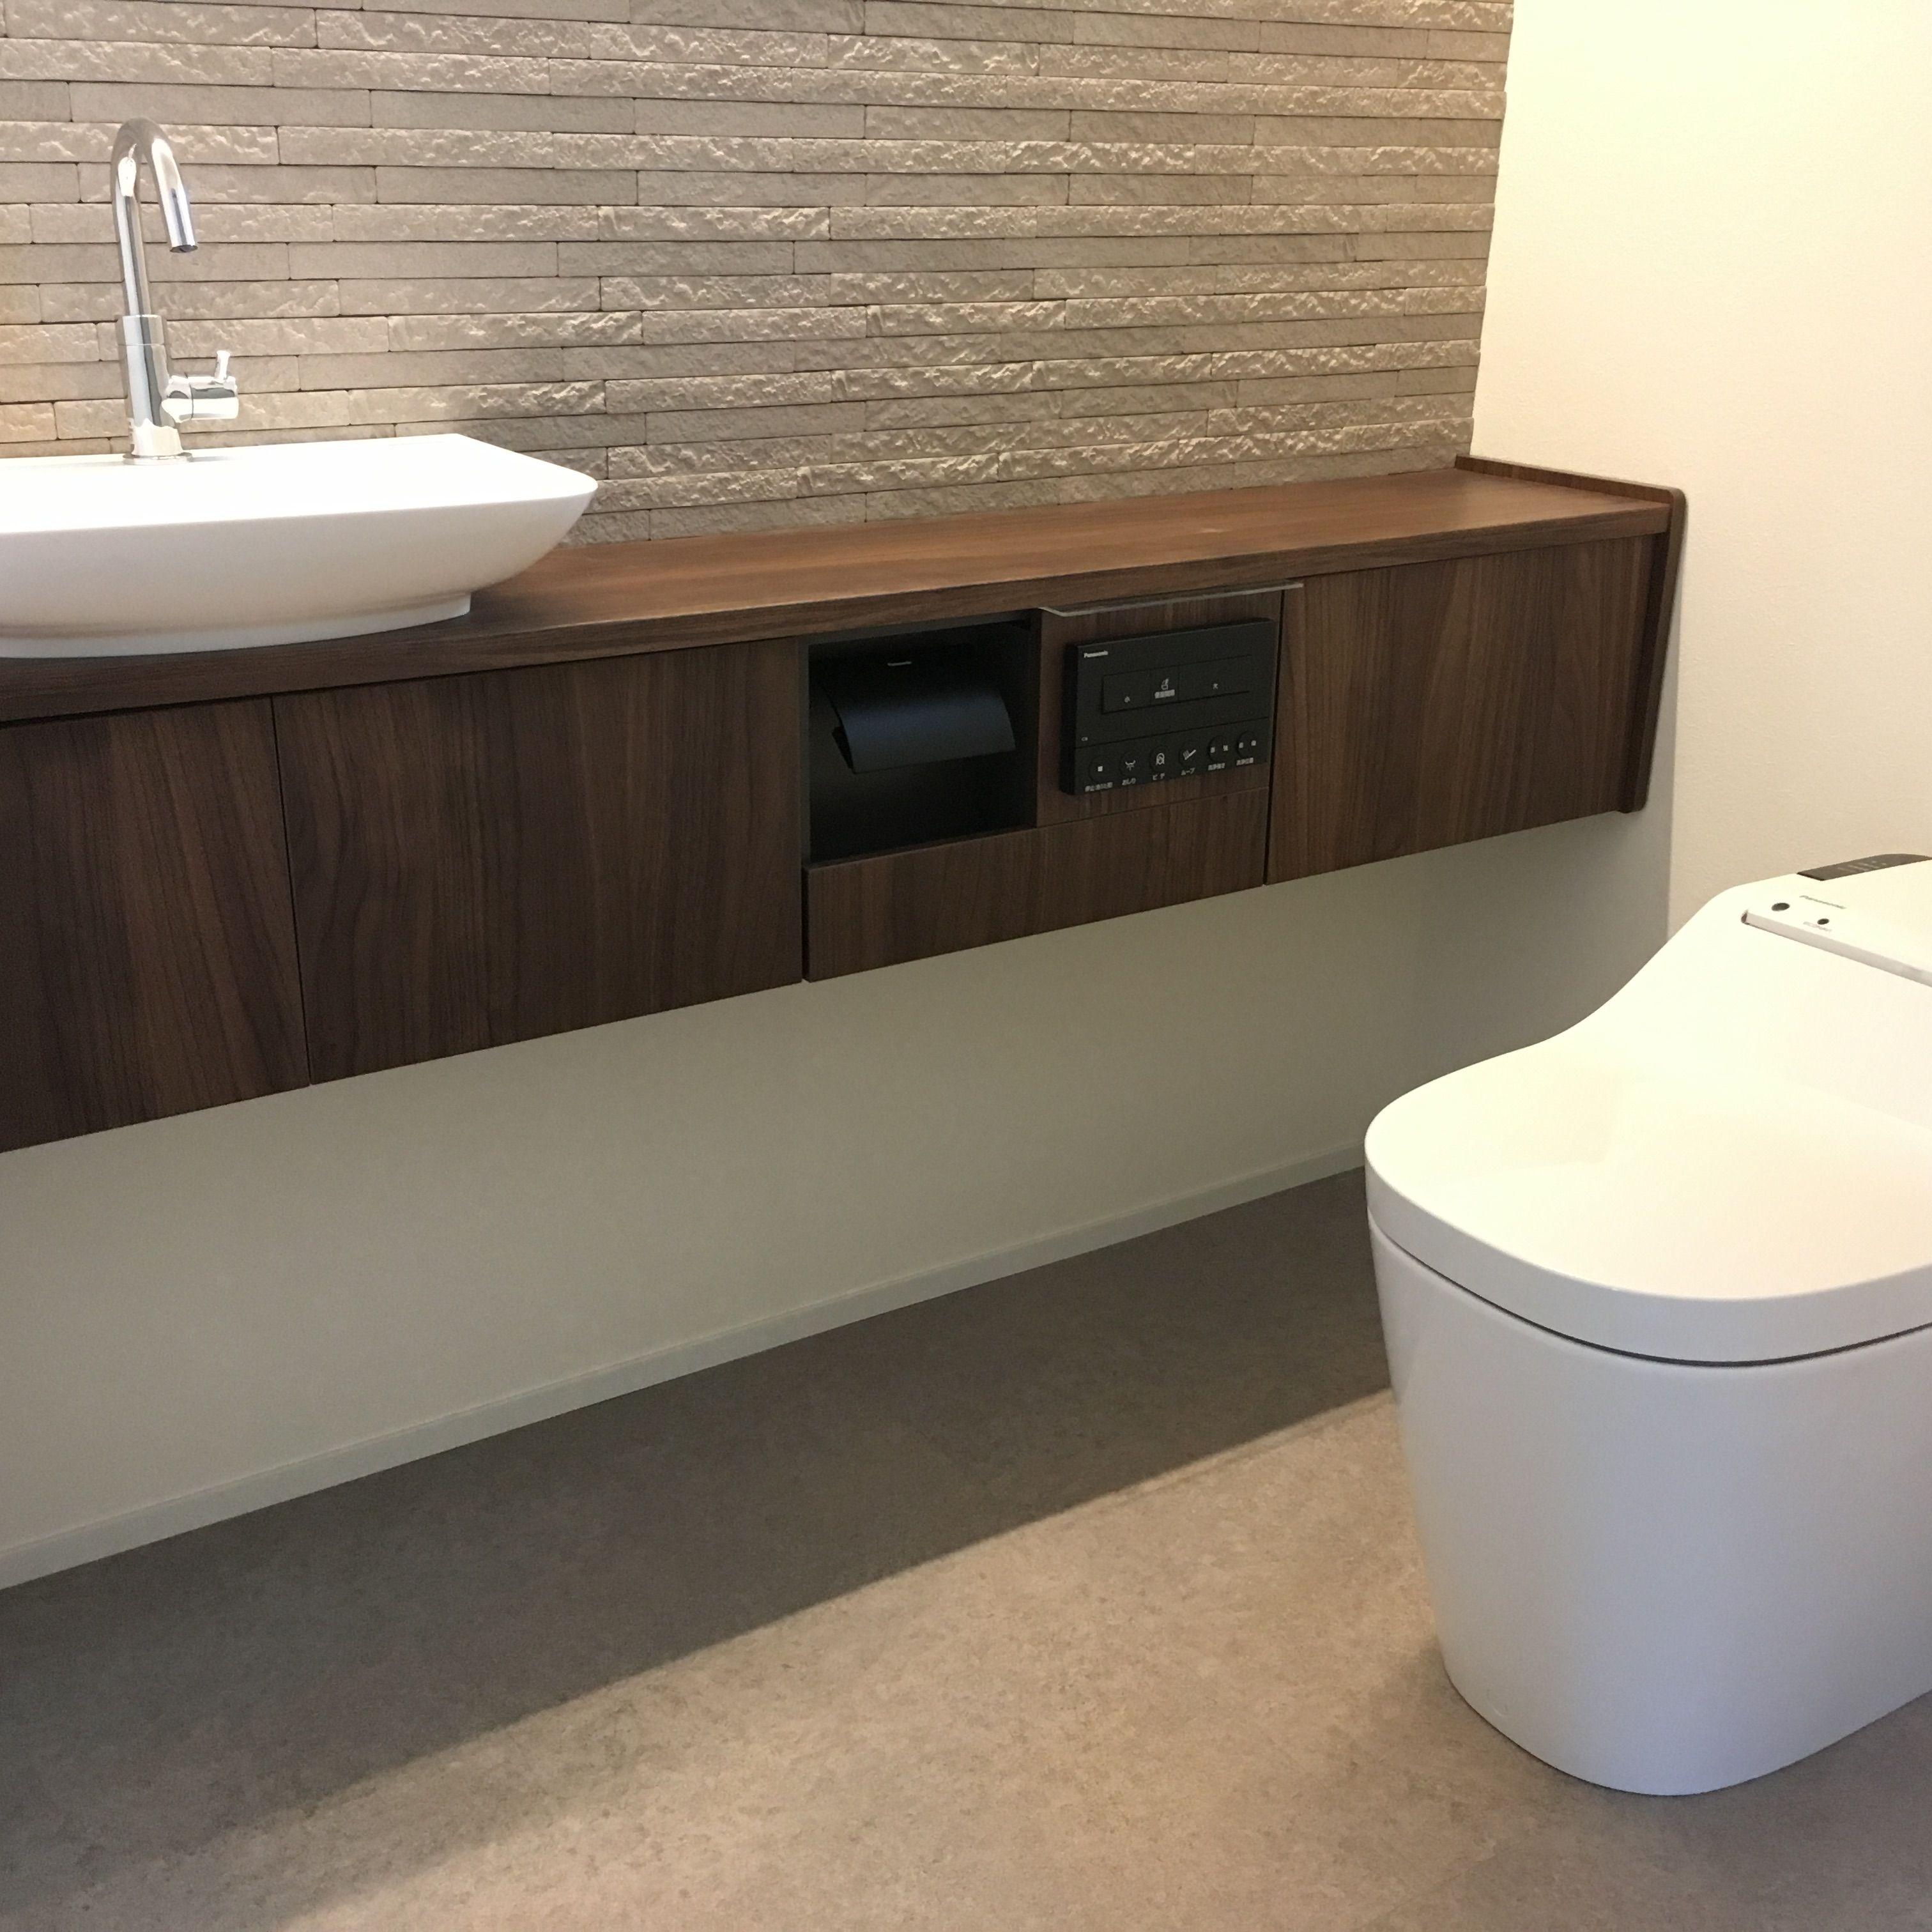 トイレ Panasonic アラウーノ 壁面にはlixilエコカラット 床材に